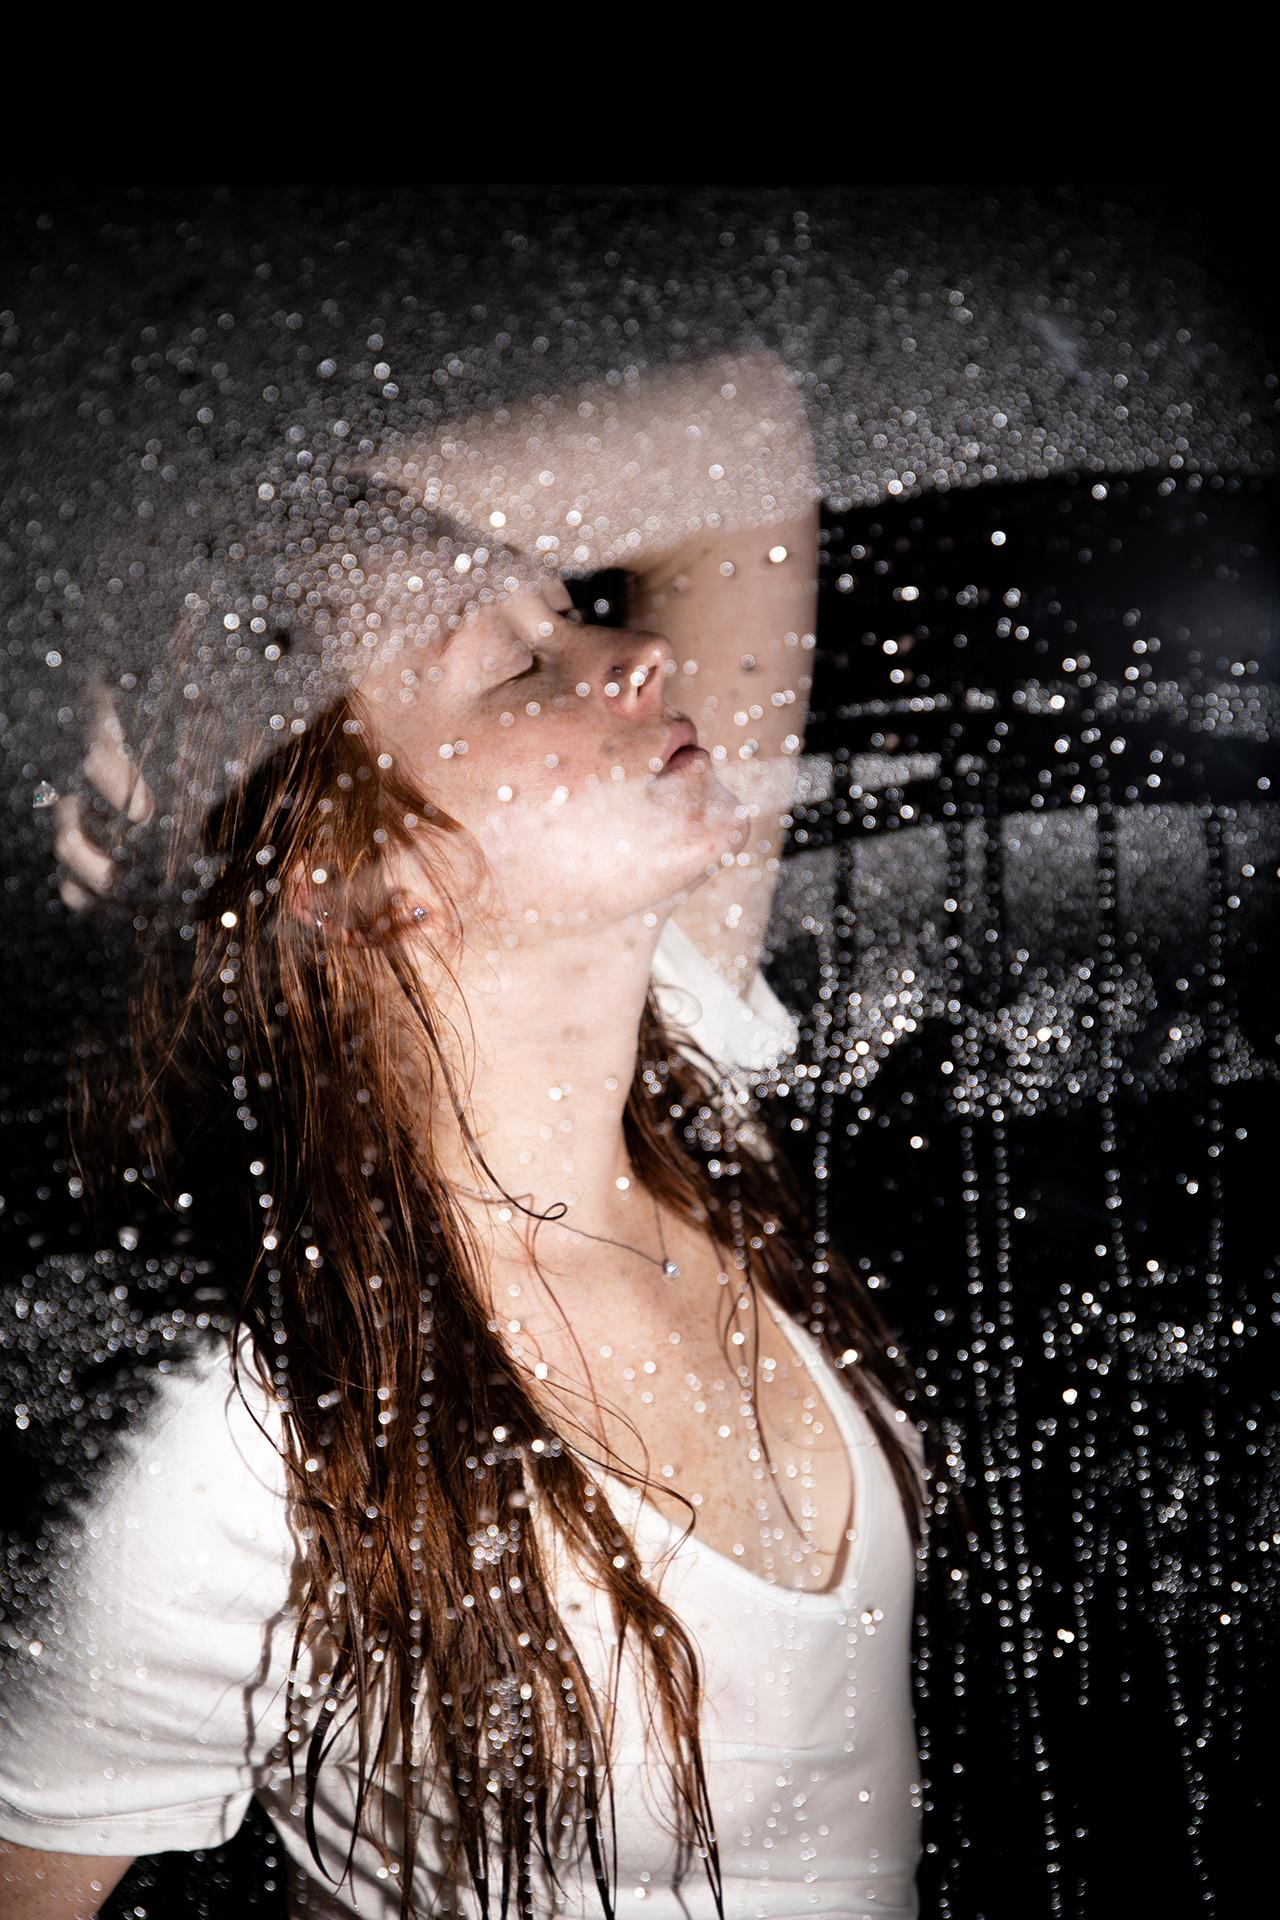 Shower Set - Boudoir